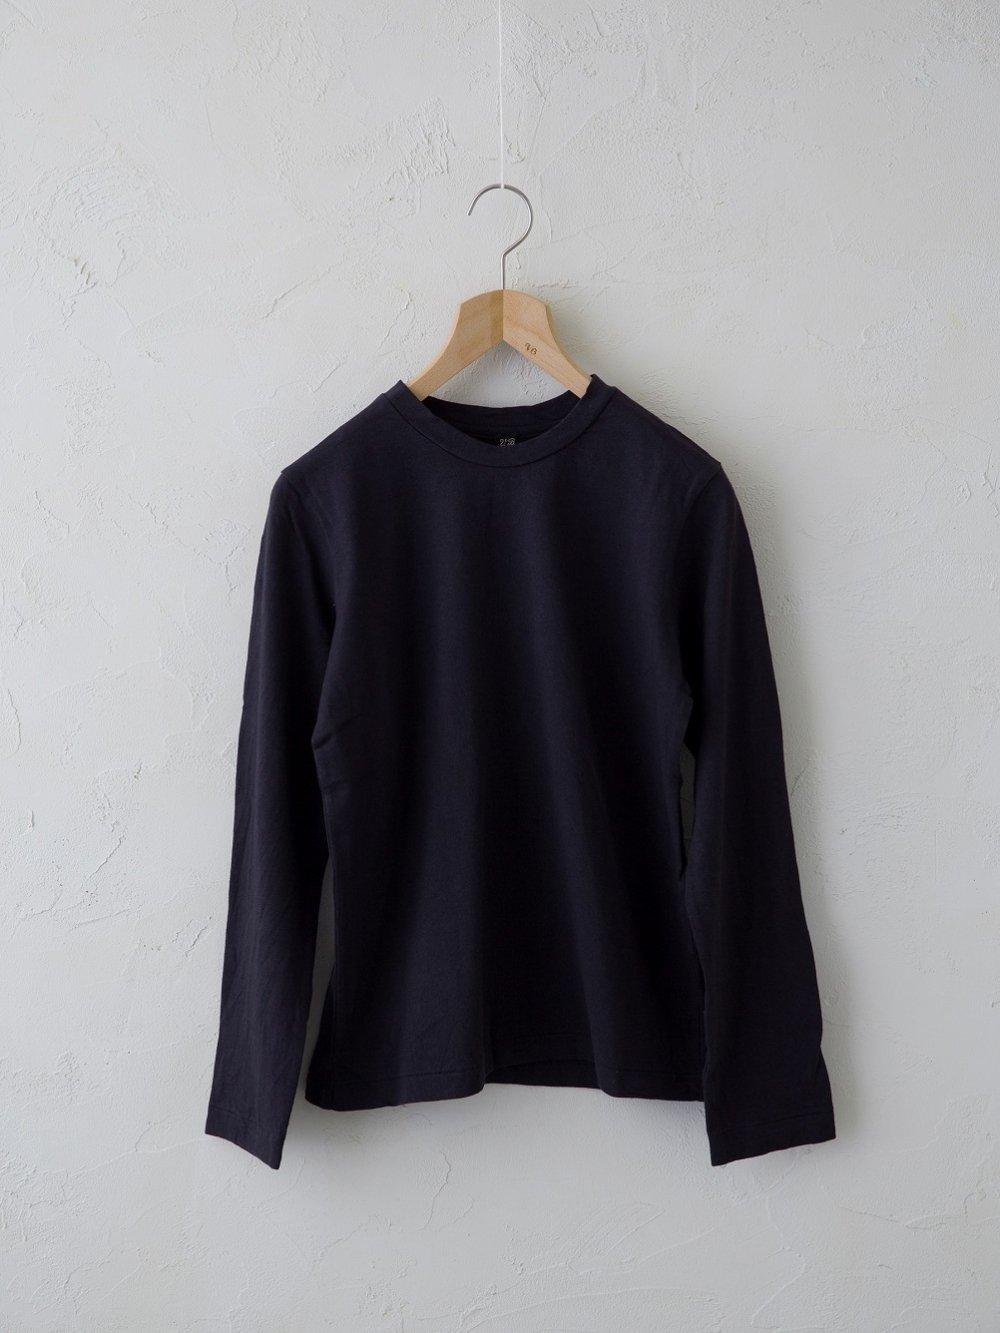 & 12 Linen(天竺)長袖Tシャツ -standard-(Ladies' & Men's)